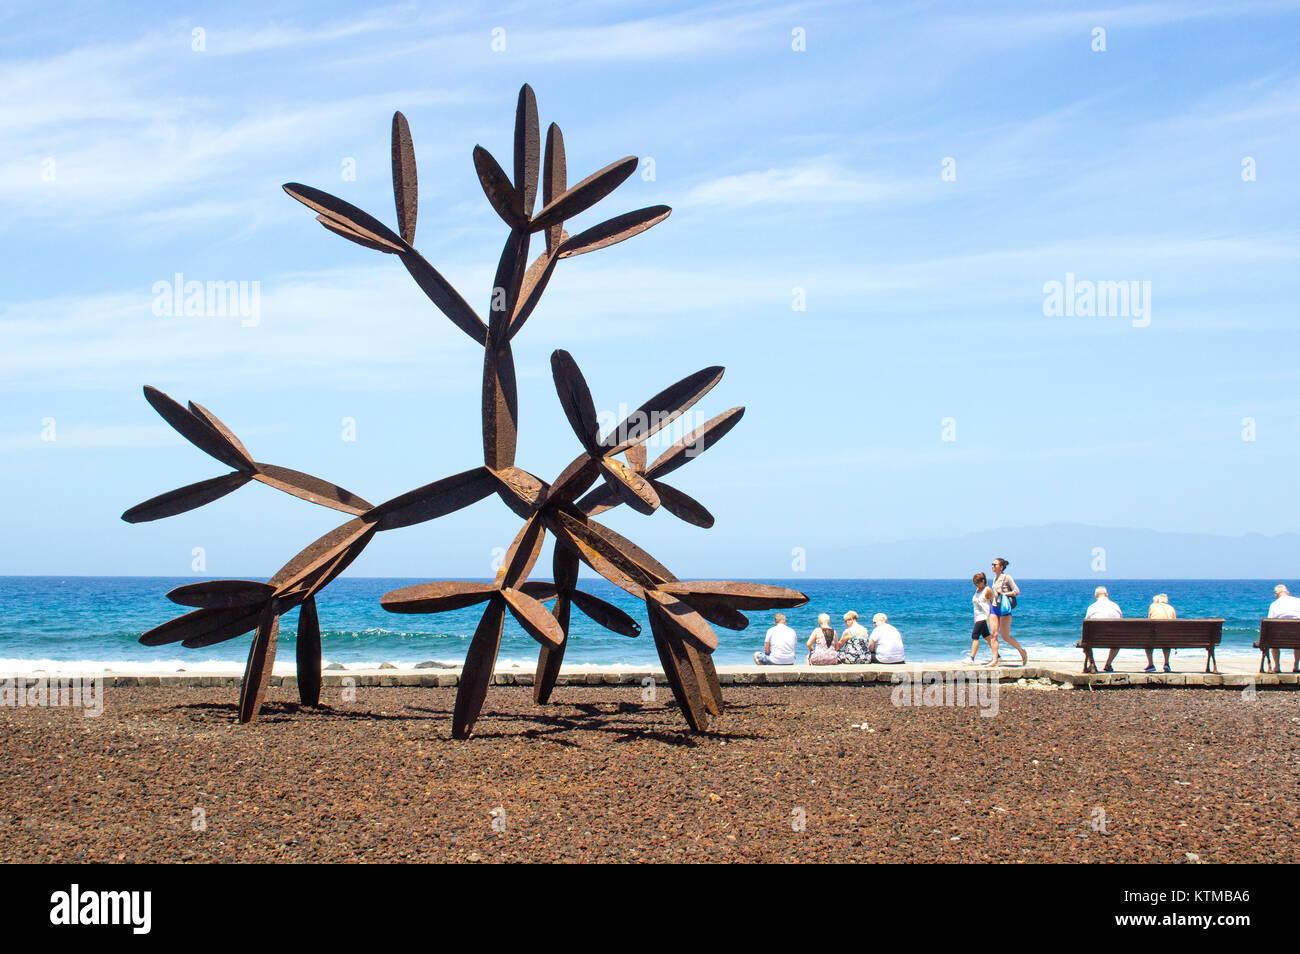 Touristen neben dem großen Stahl cactus Skulptur an der Promenade der Kanarischen Inseln Playa de las Americas TeneriffeStockfoto